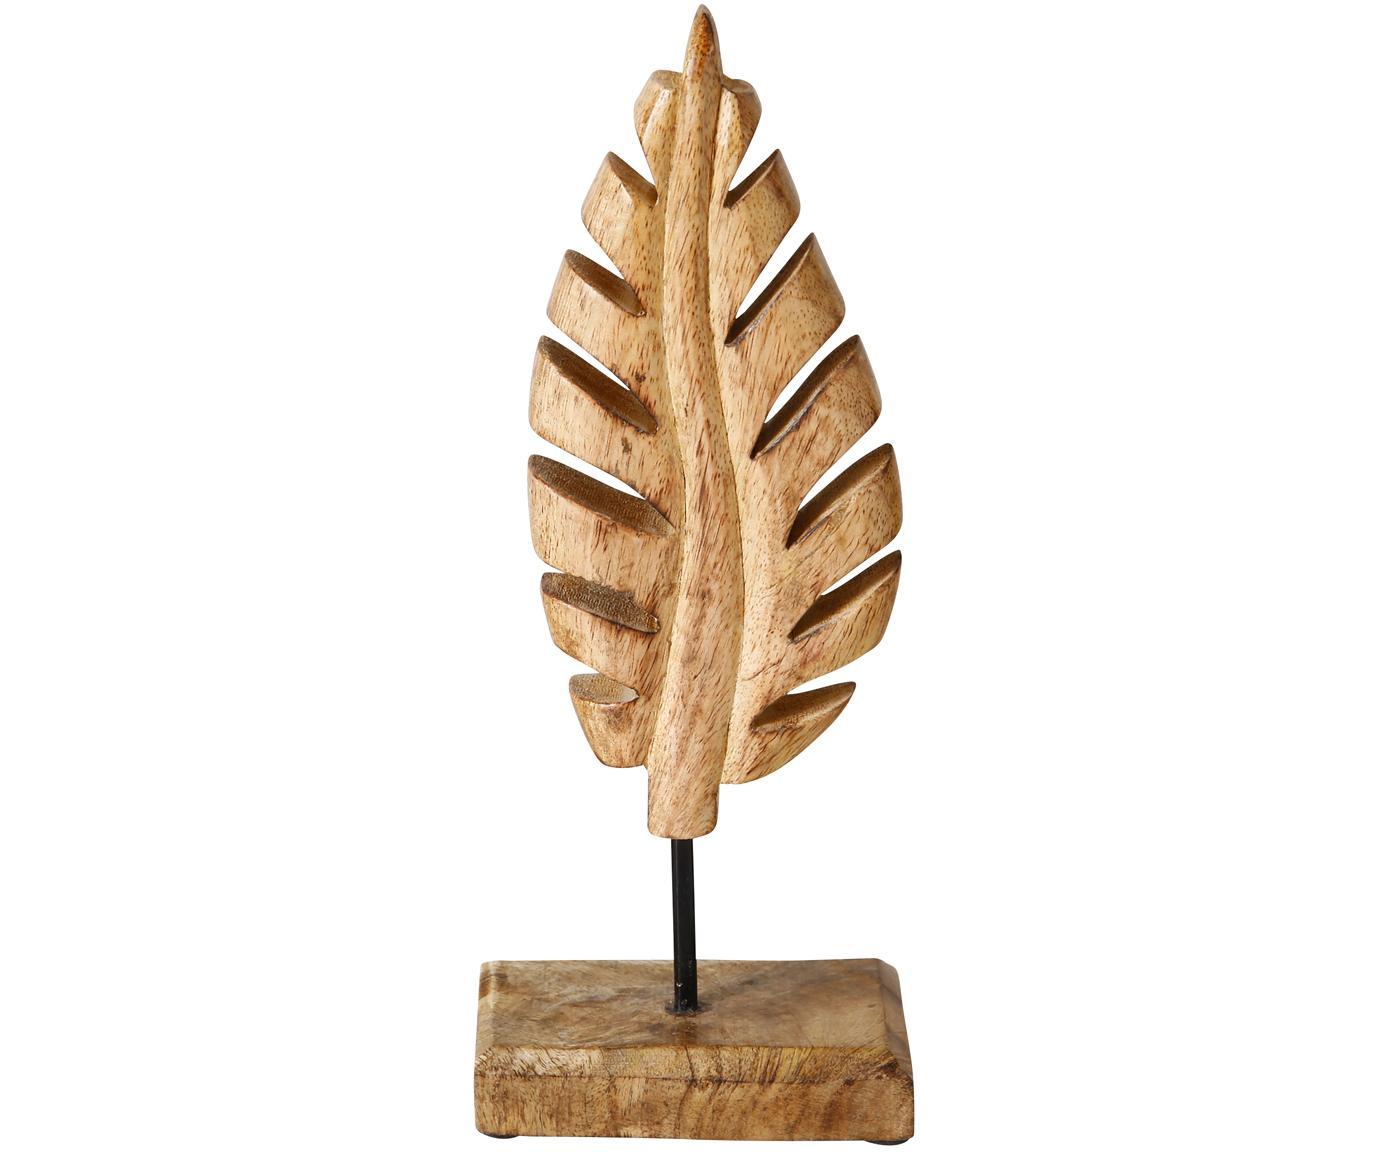 Komplet dekoracji Leaf, 3 elem., Drewno naturalne, Brązowy, S 12 x W 30 cm